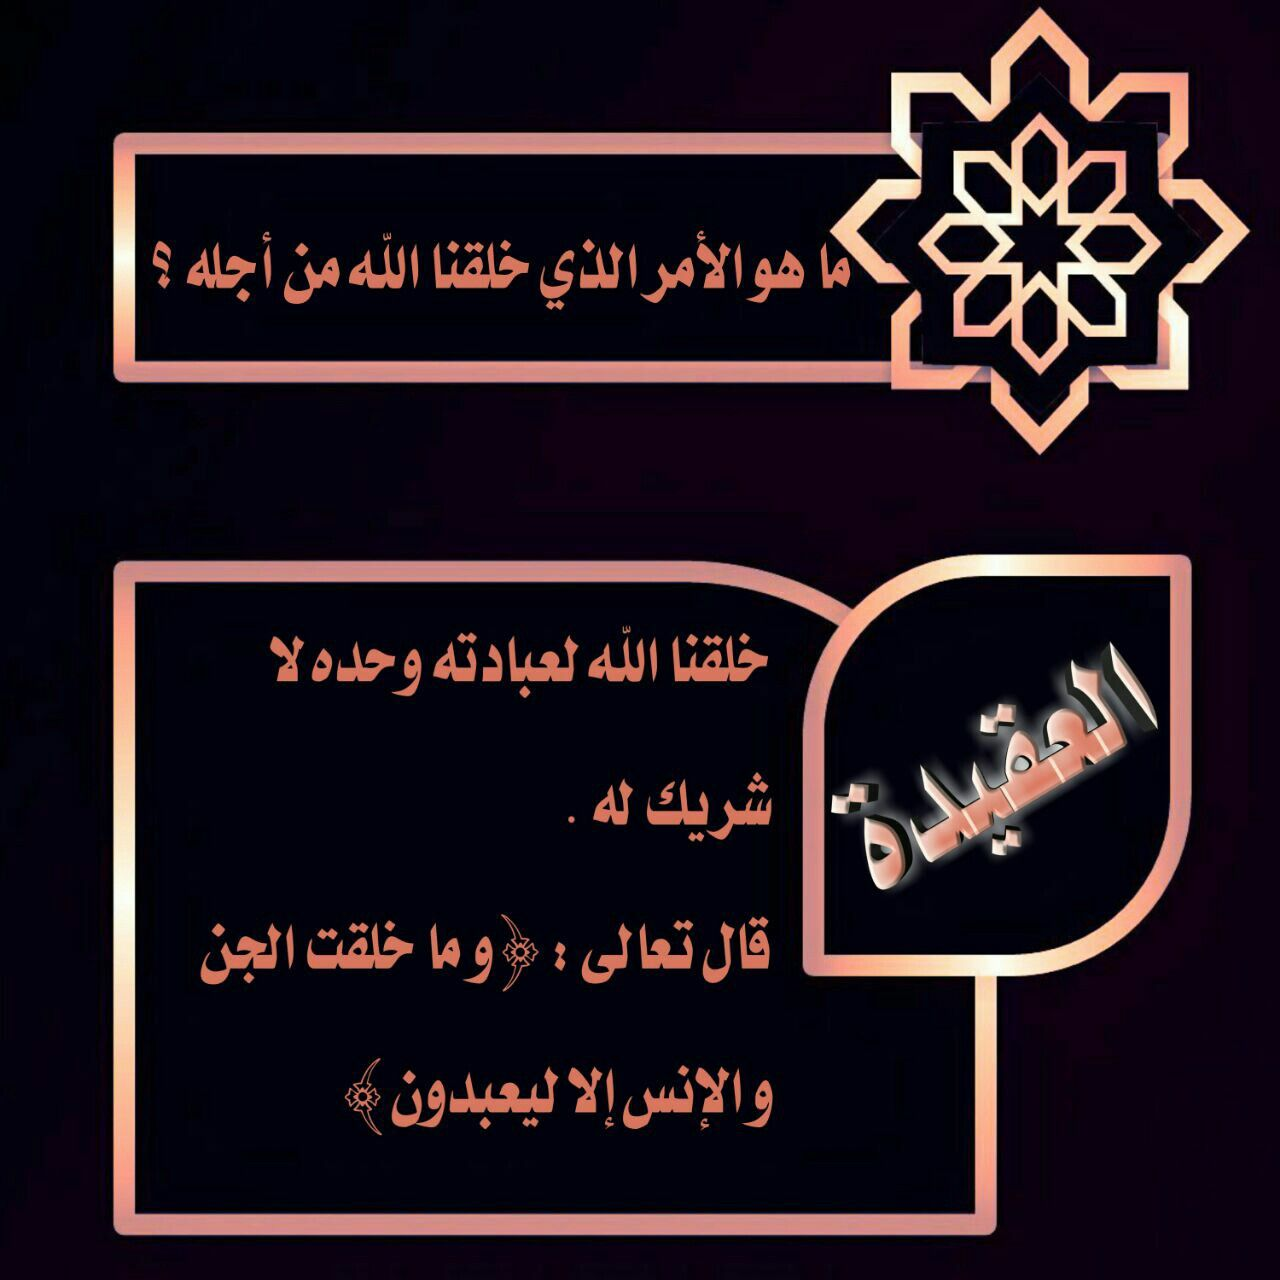 قال تعالى وما خلقت الجن والانس الا ليعبدون